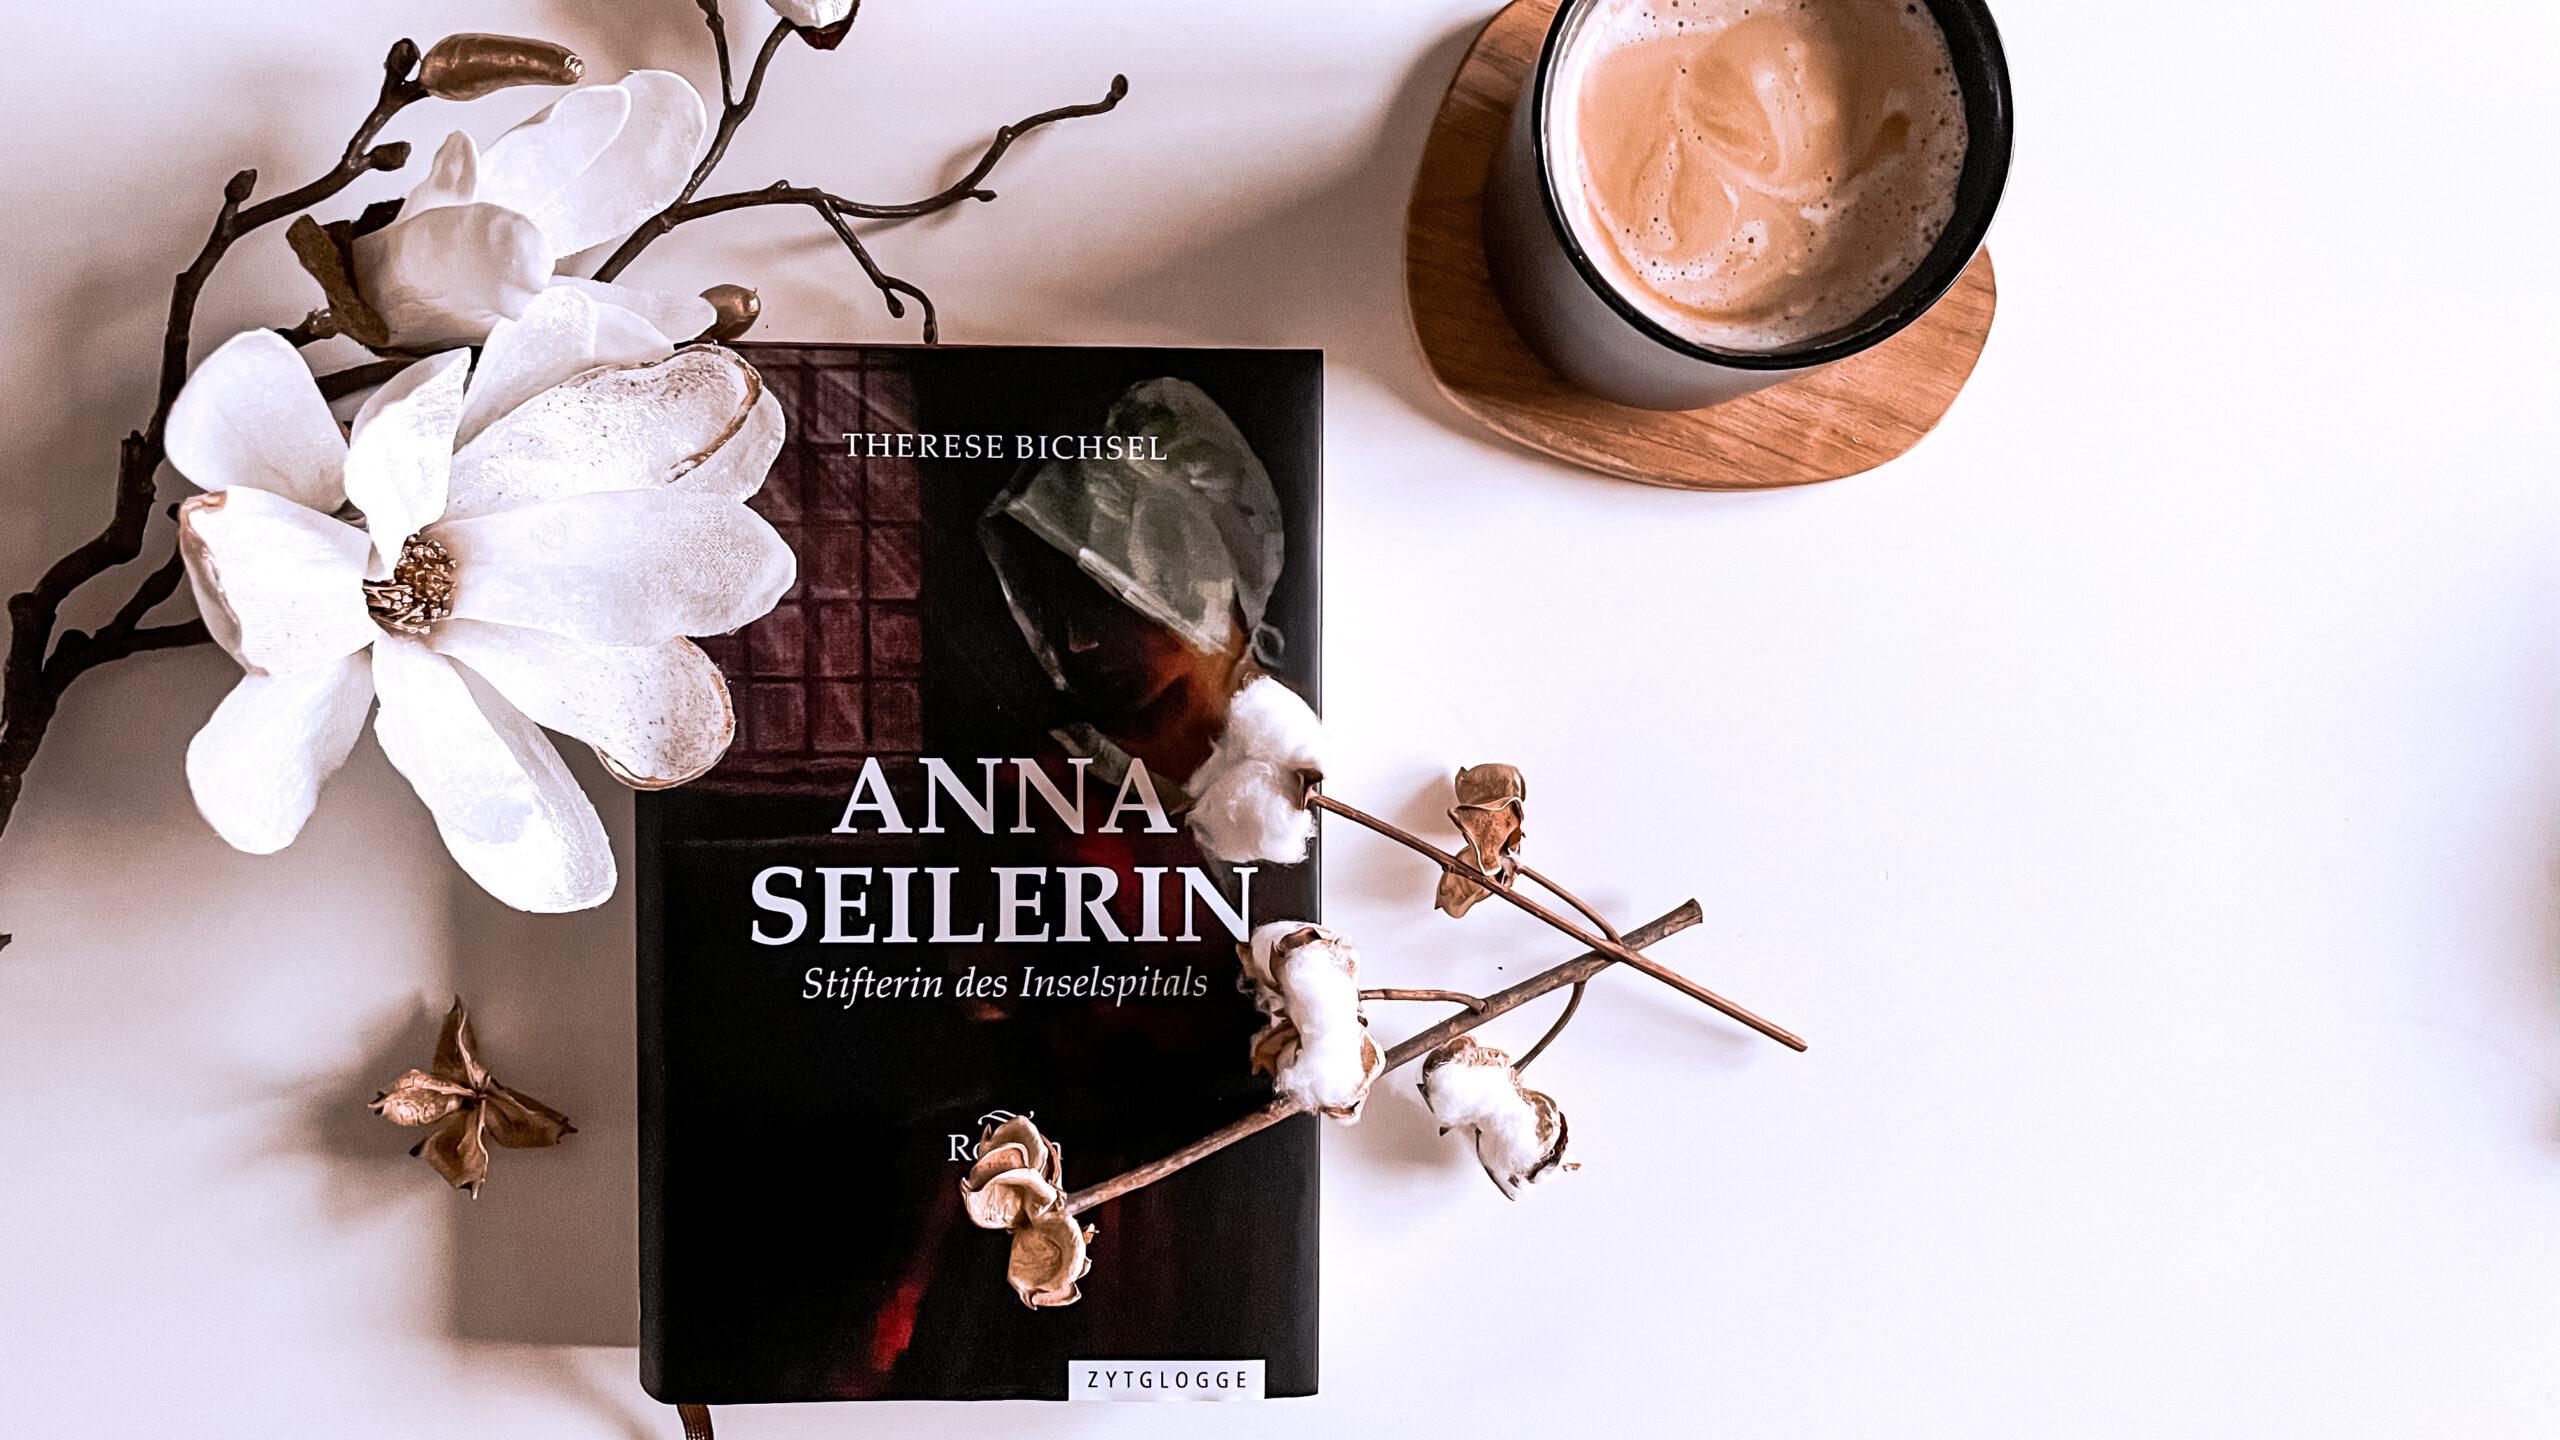 Bild mit Cover Anna Seilerin von Therese Bichsel